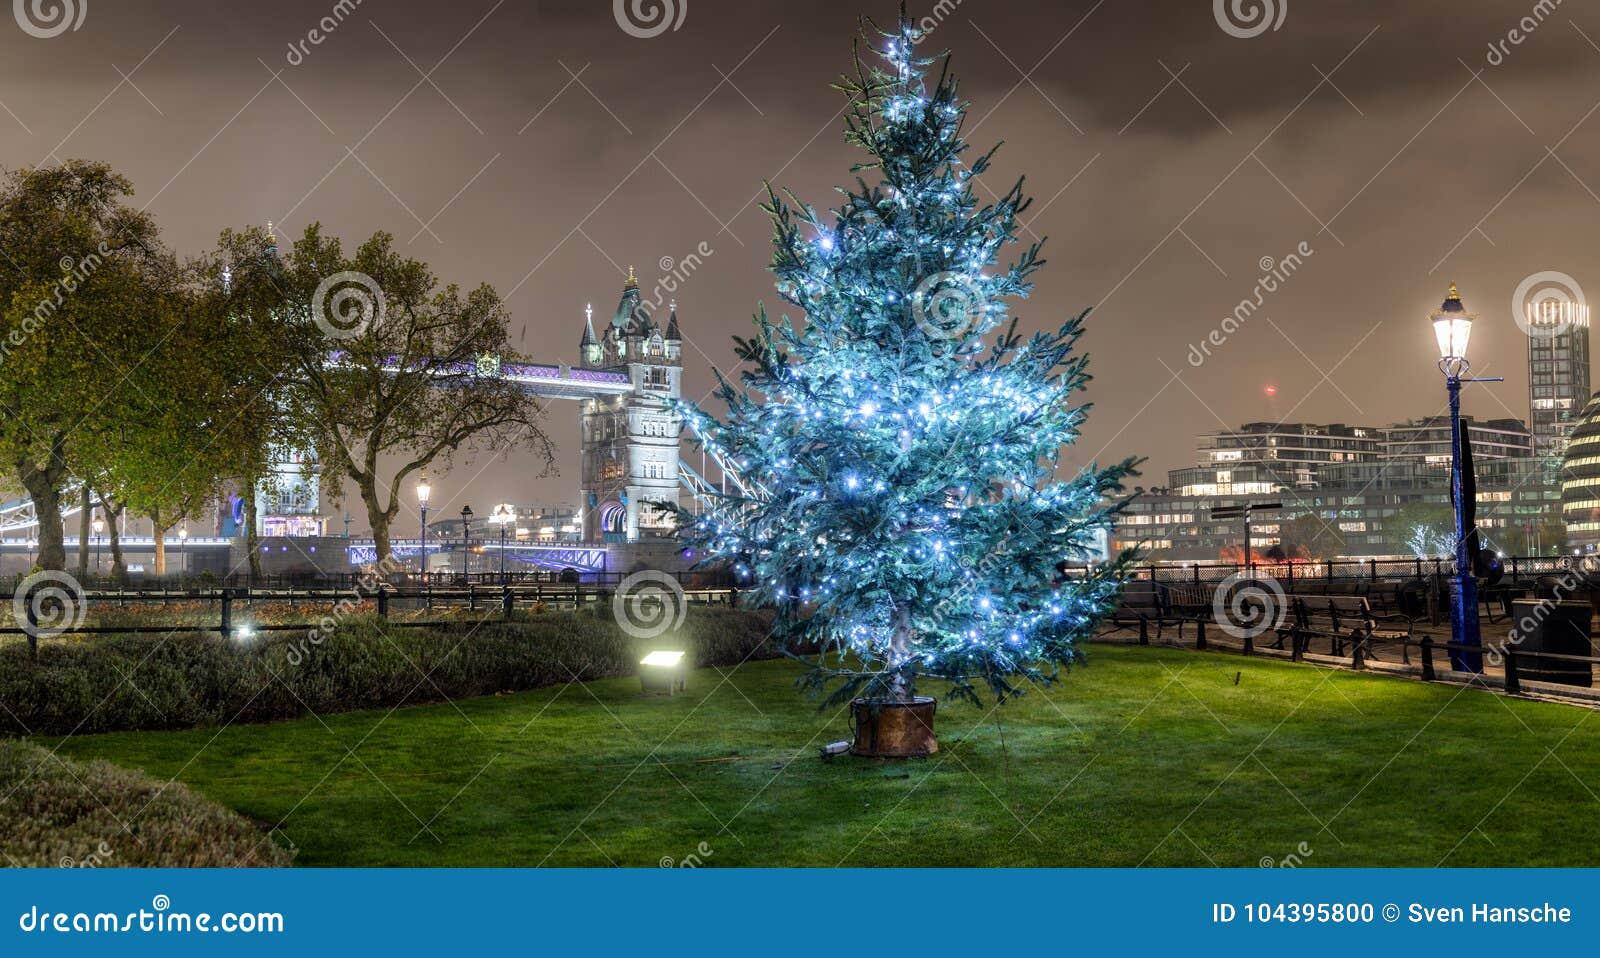 Panorama del puente de la torre en Londres con un árbol de navidad